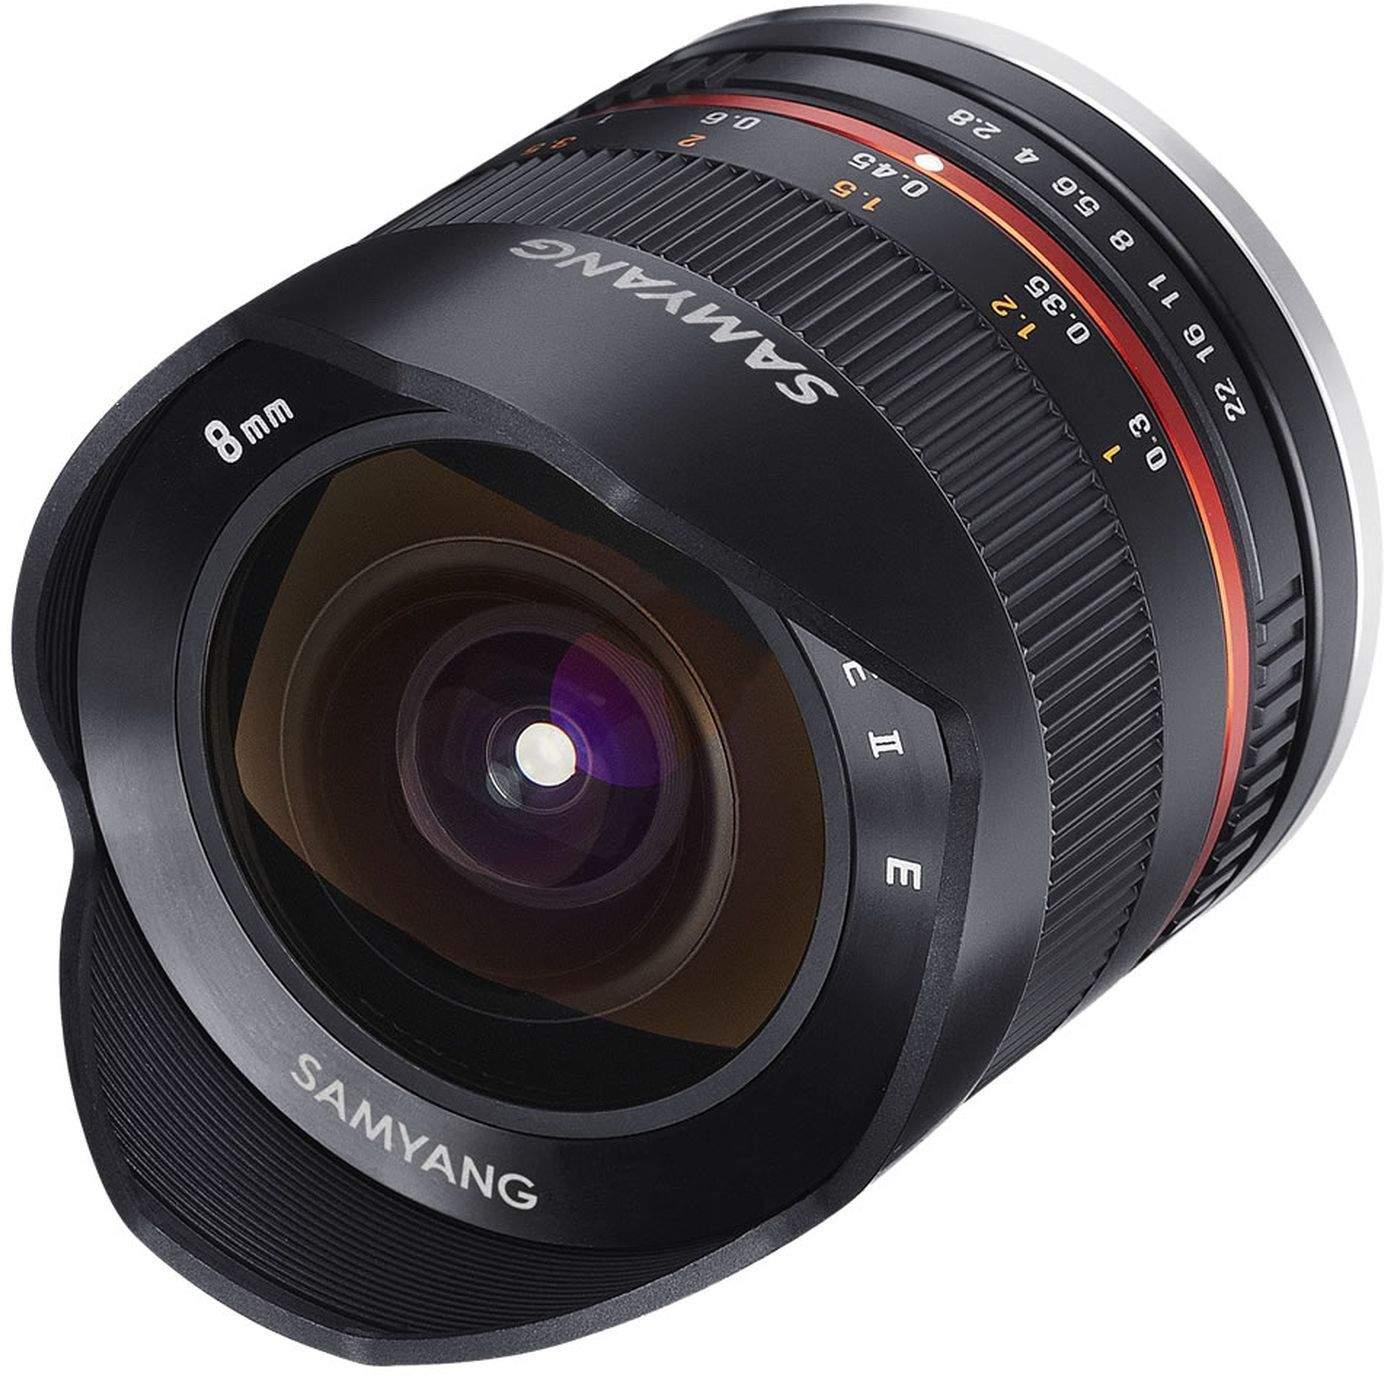 Samyang 8mm F2.8 Fisheye UMC II APS-C Fuji X Camera Lens - Black main image